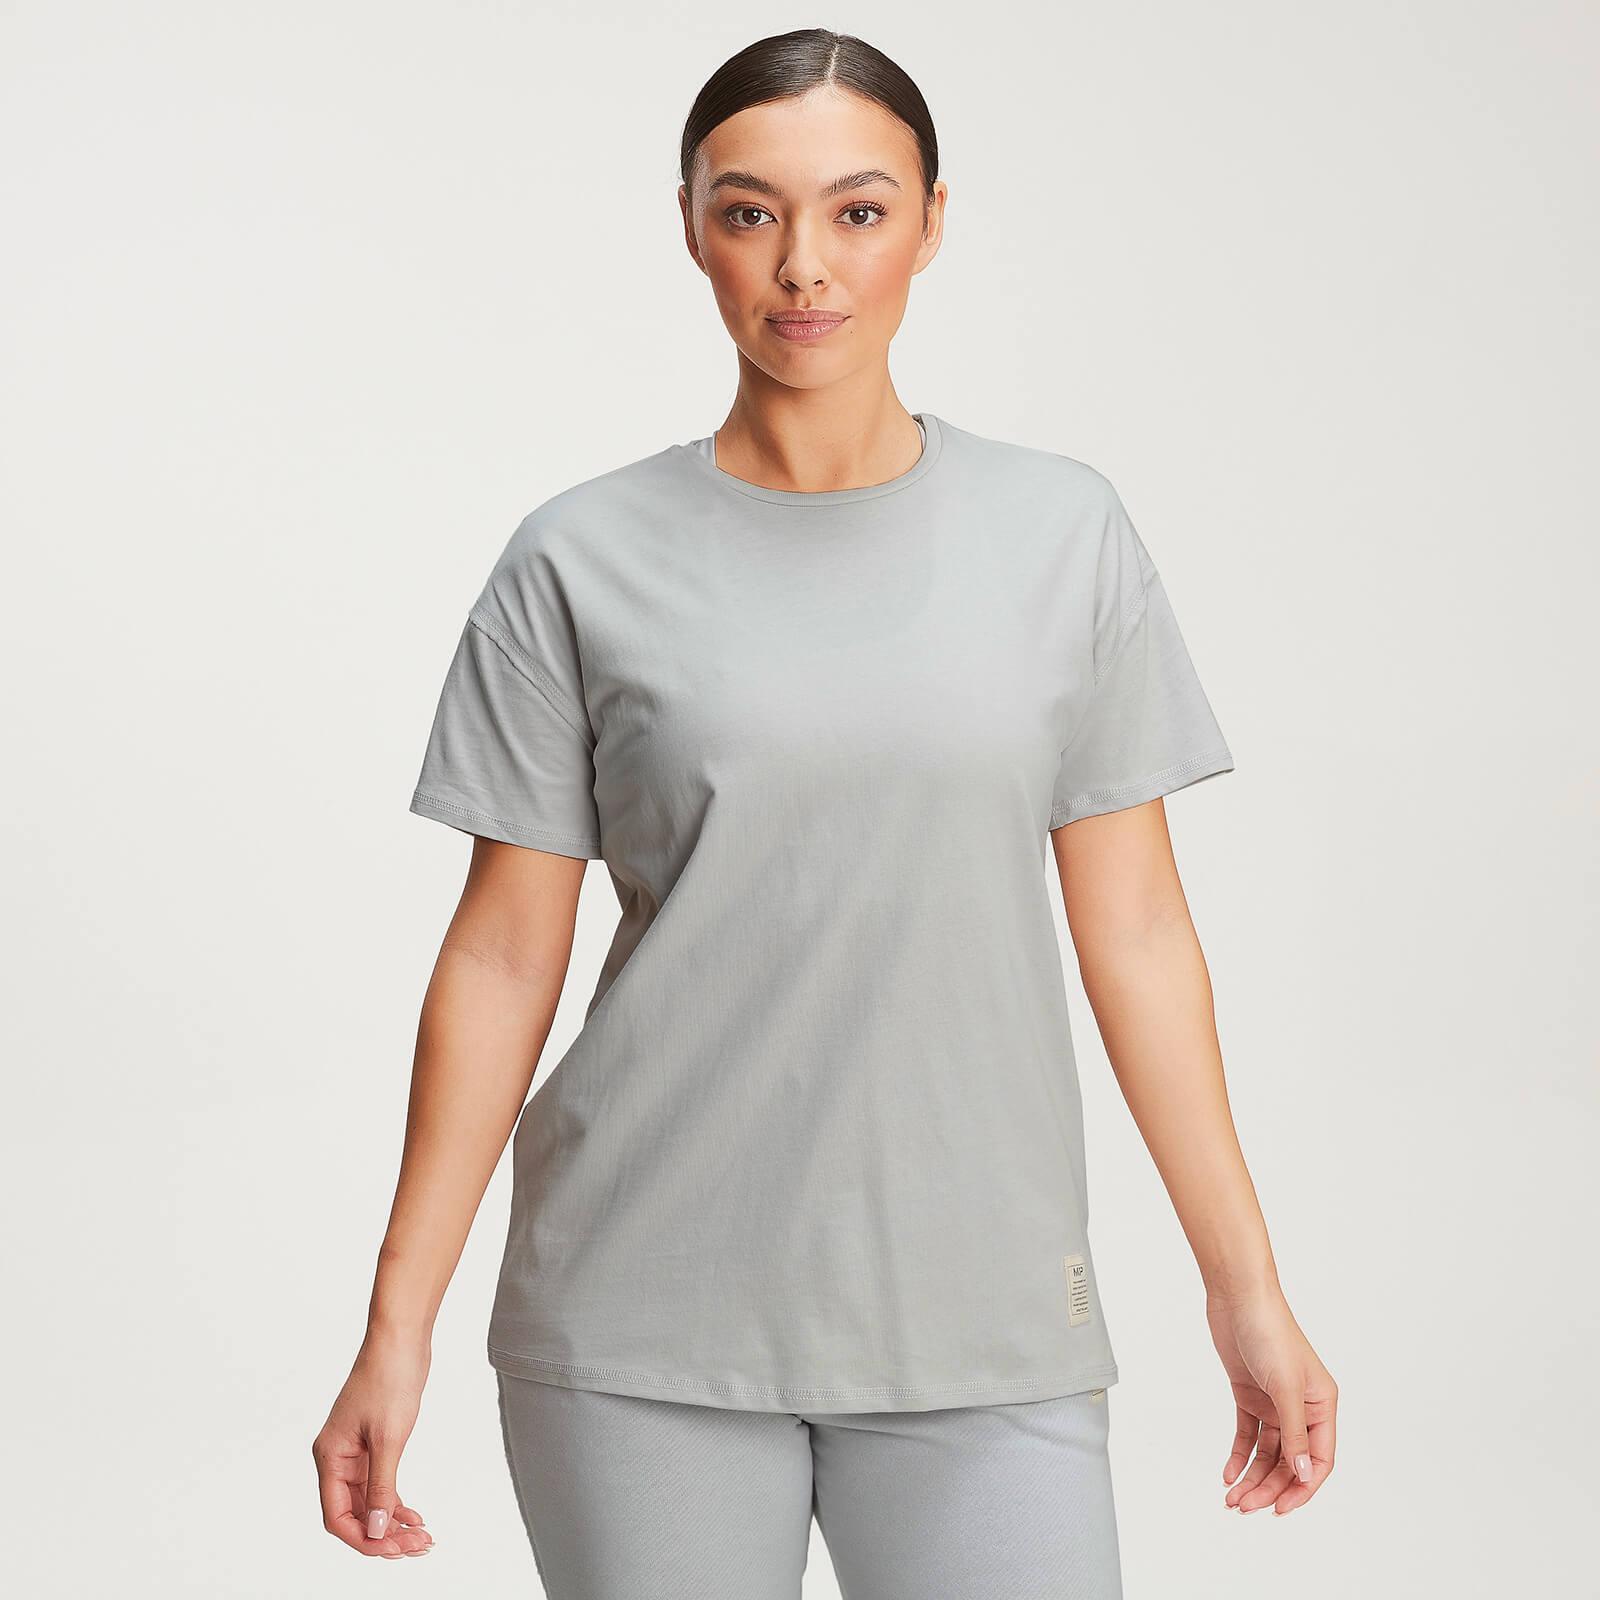 T-Shirt A / WEAR - Gris - XS